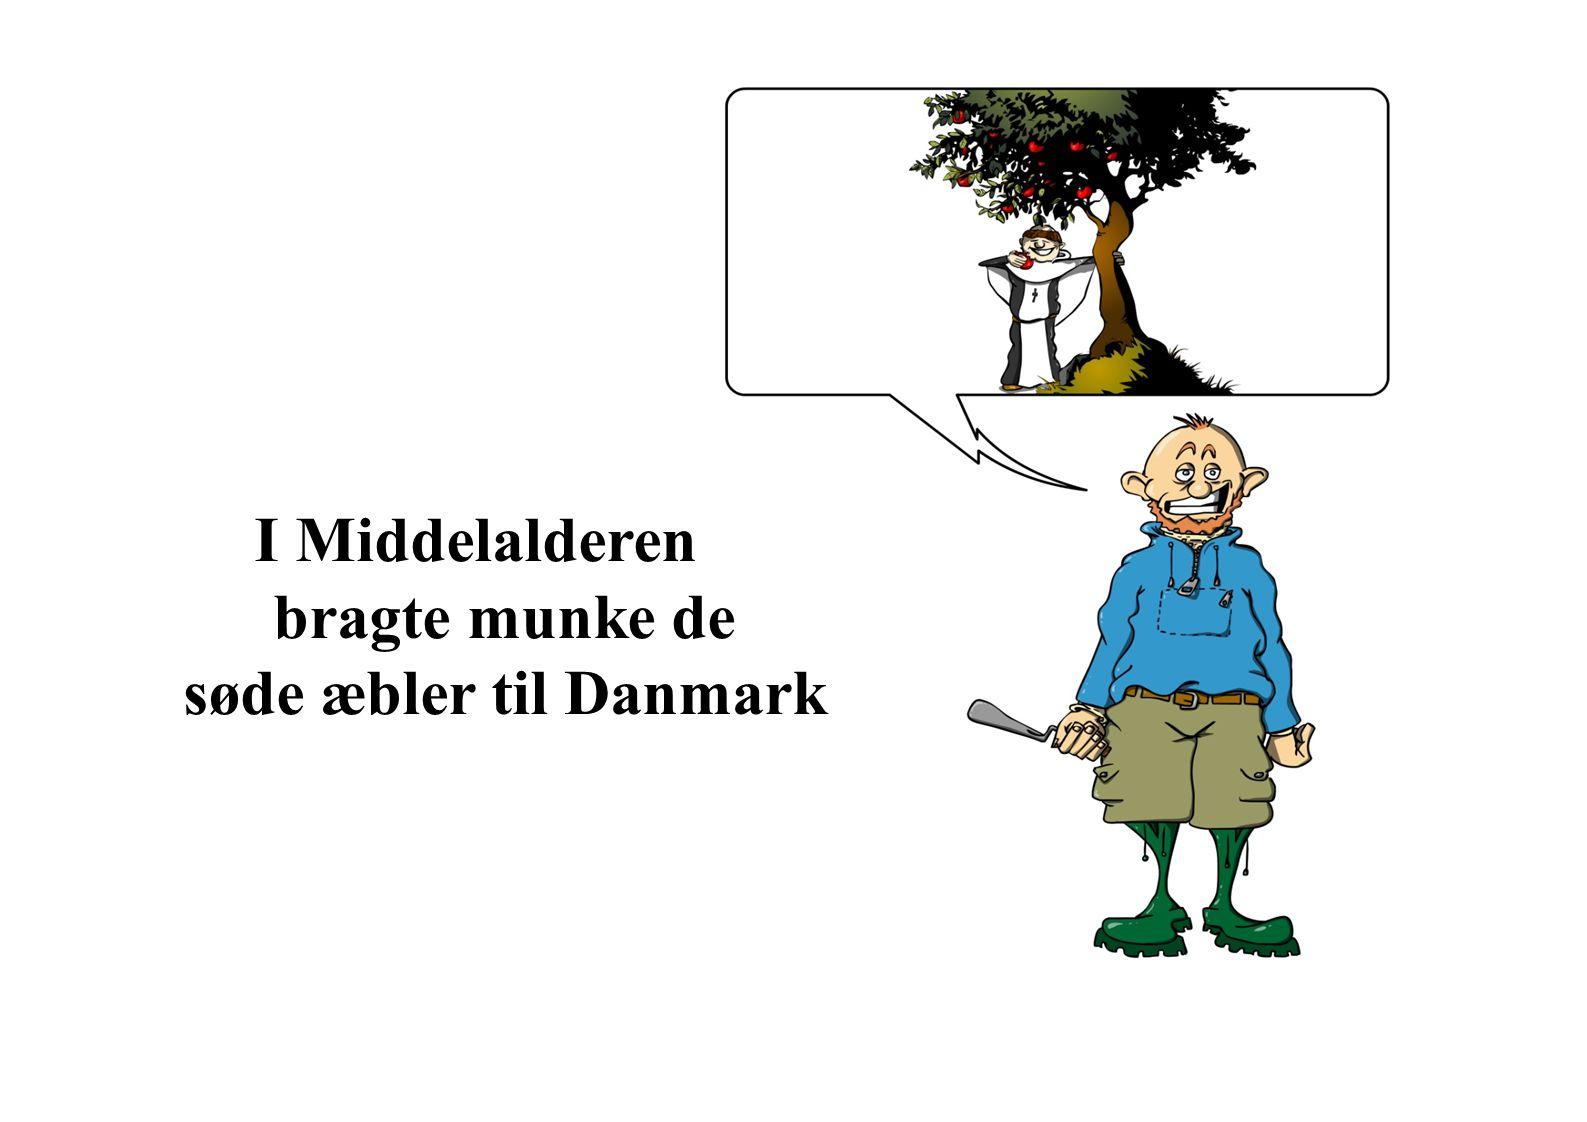 I Middelalderen bragte munke de søde æbler til Danmark